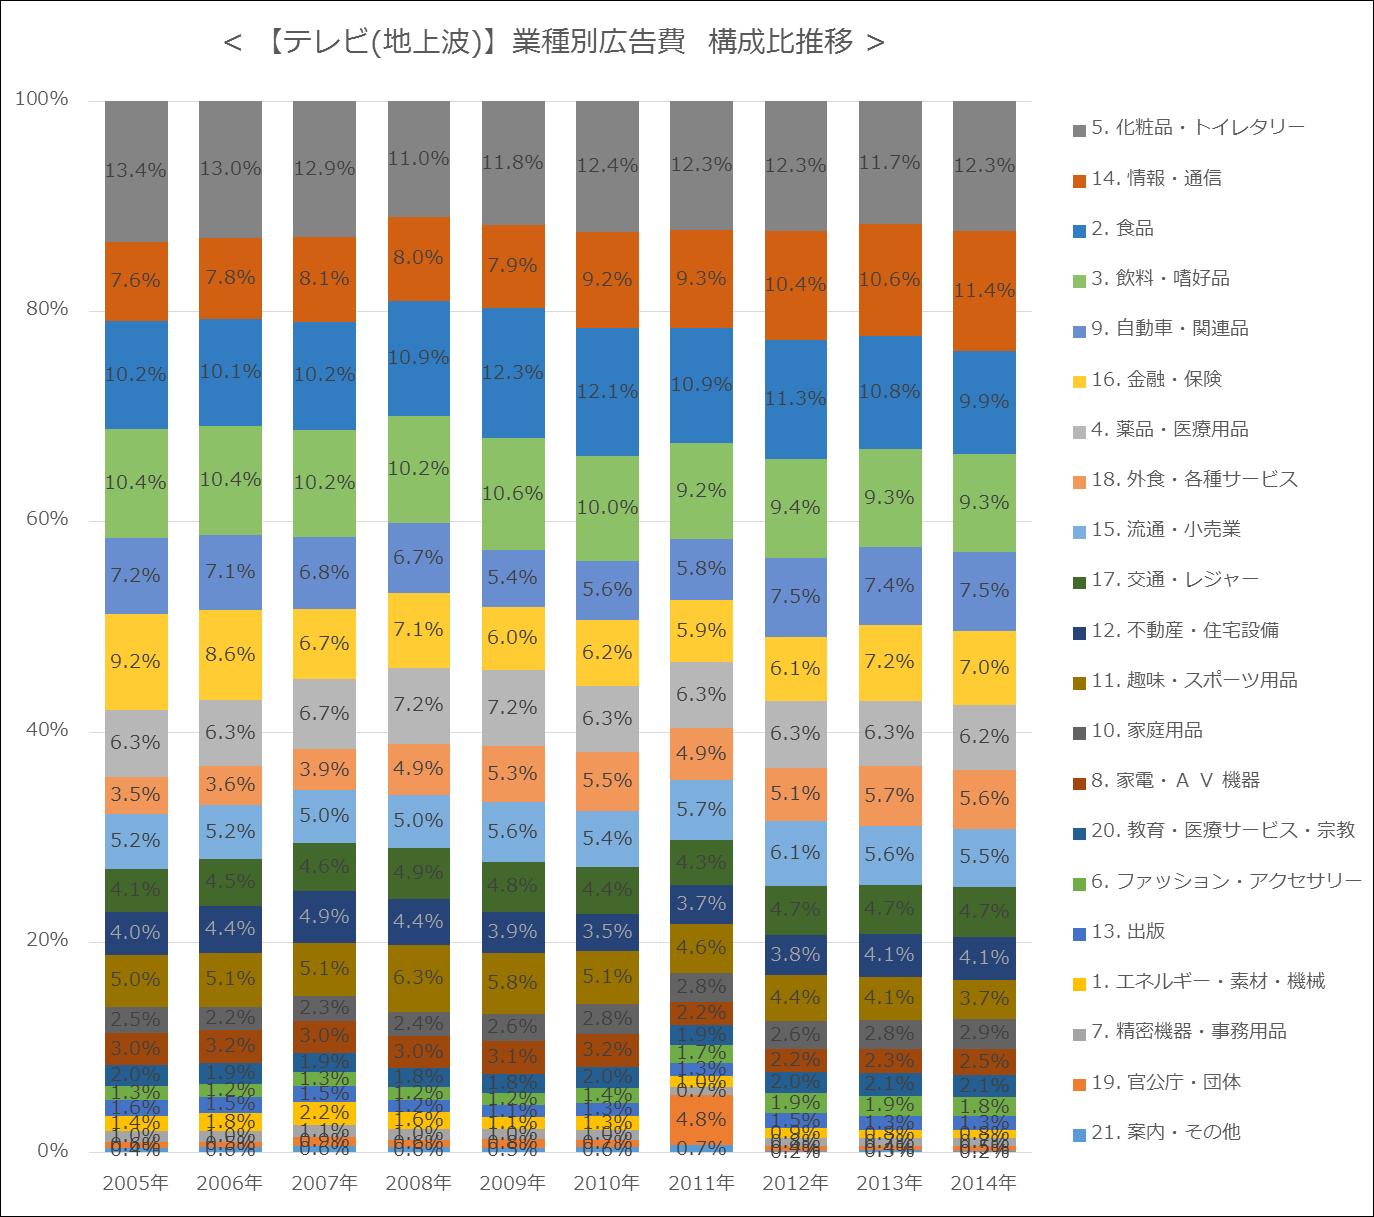 【テレビ(地上波)】業種別広告費  構成比推移